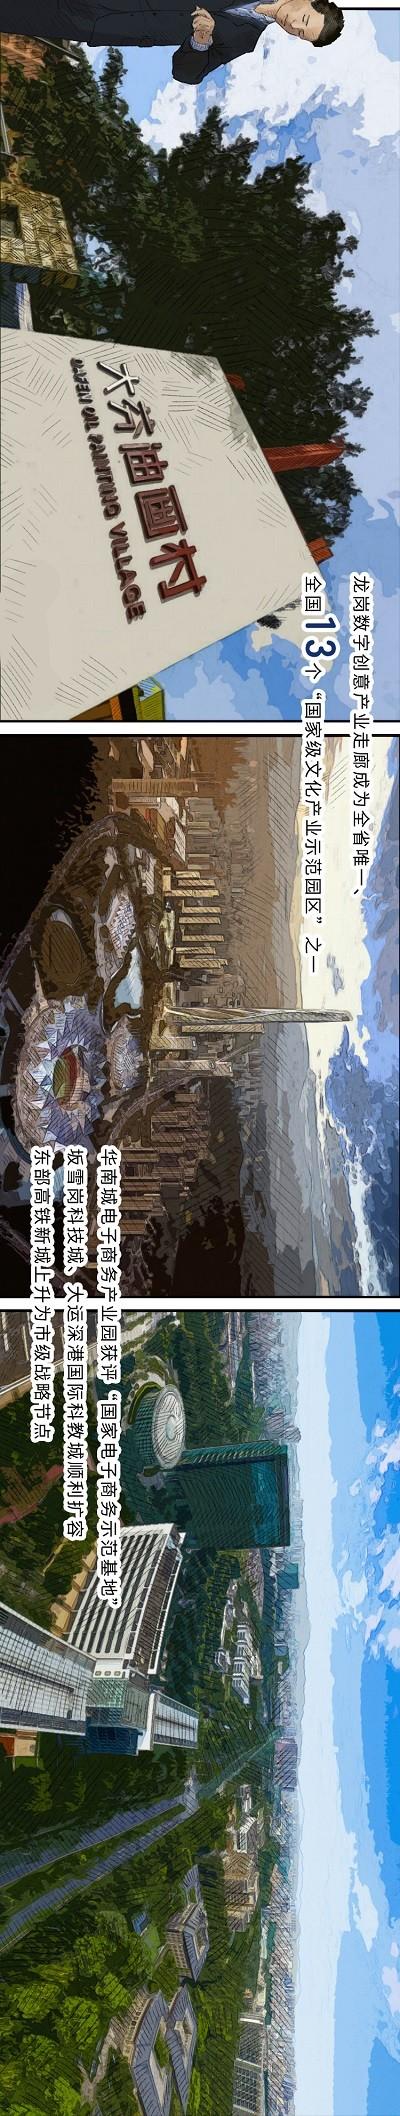 微信图片_20210122171632.jpg